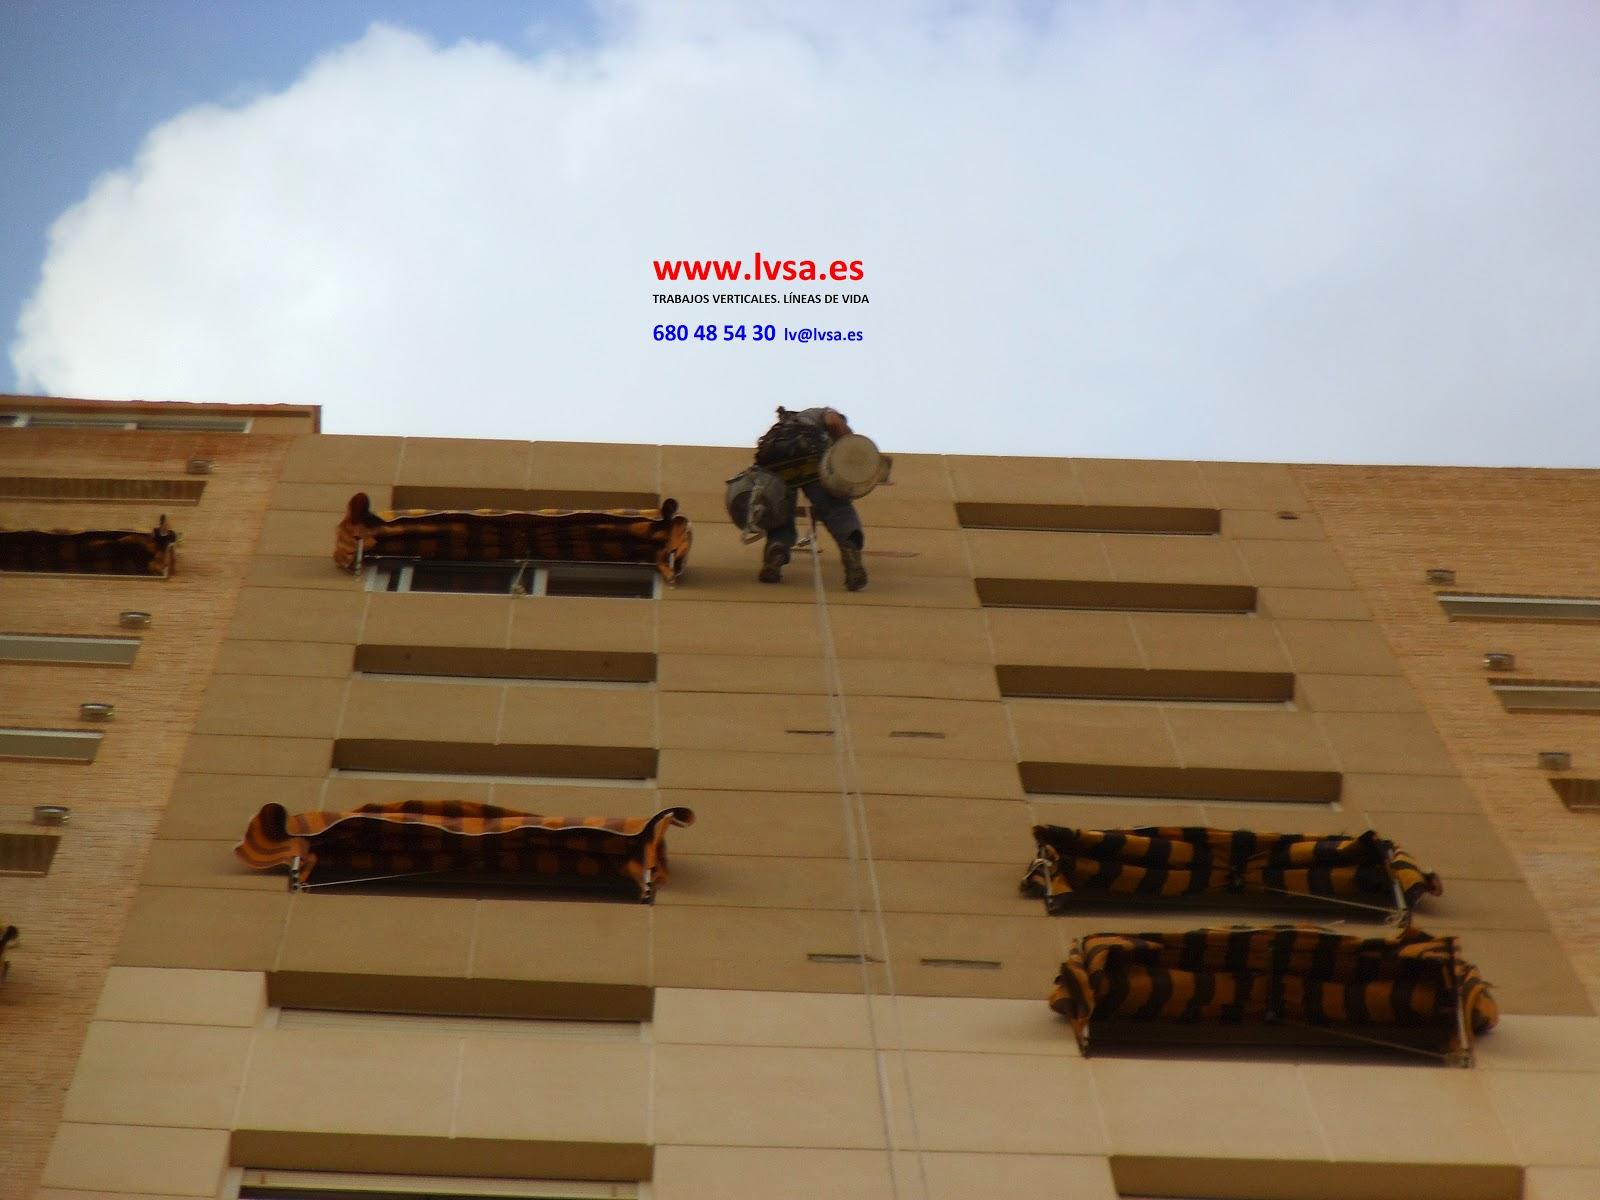 Trabajos verticales en alicante - Trabajos verticales en alicante ...